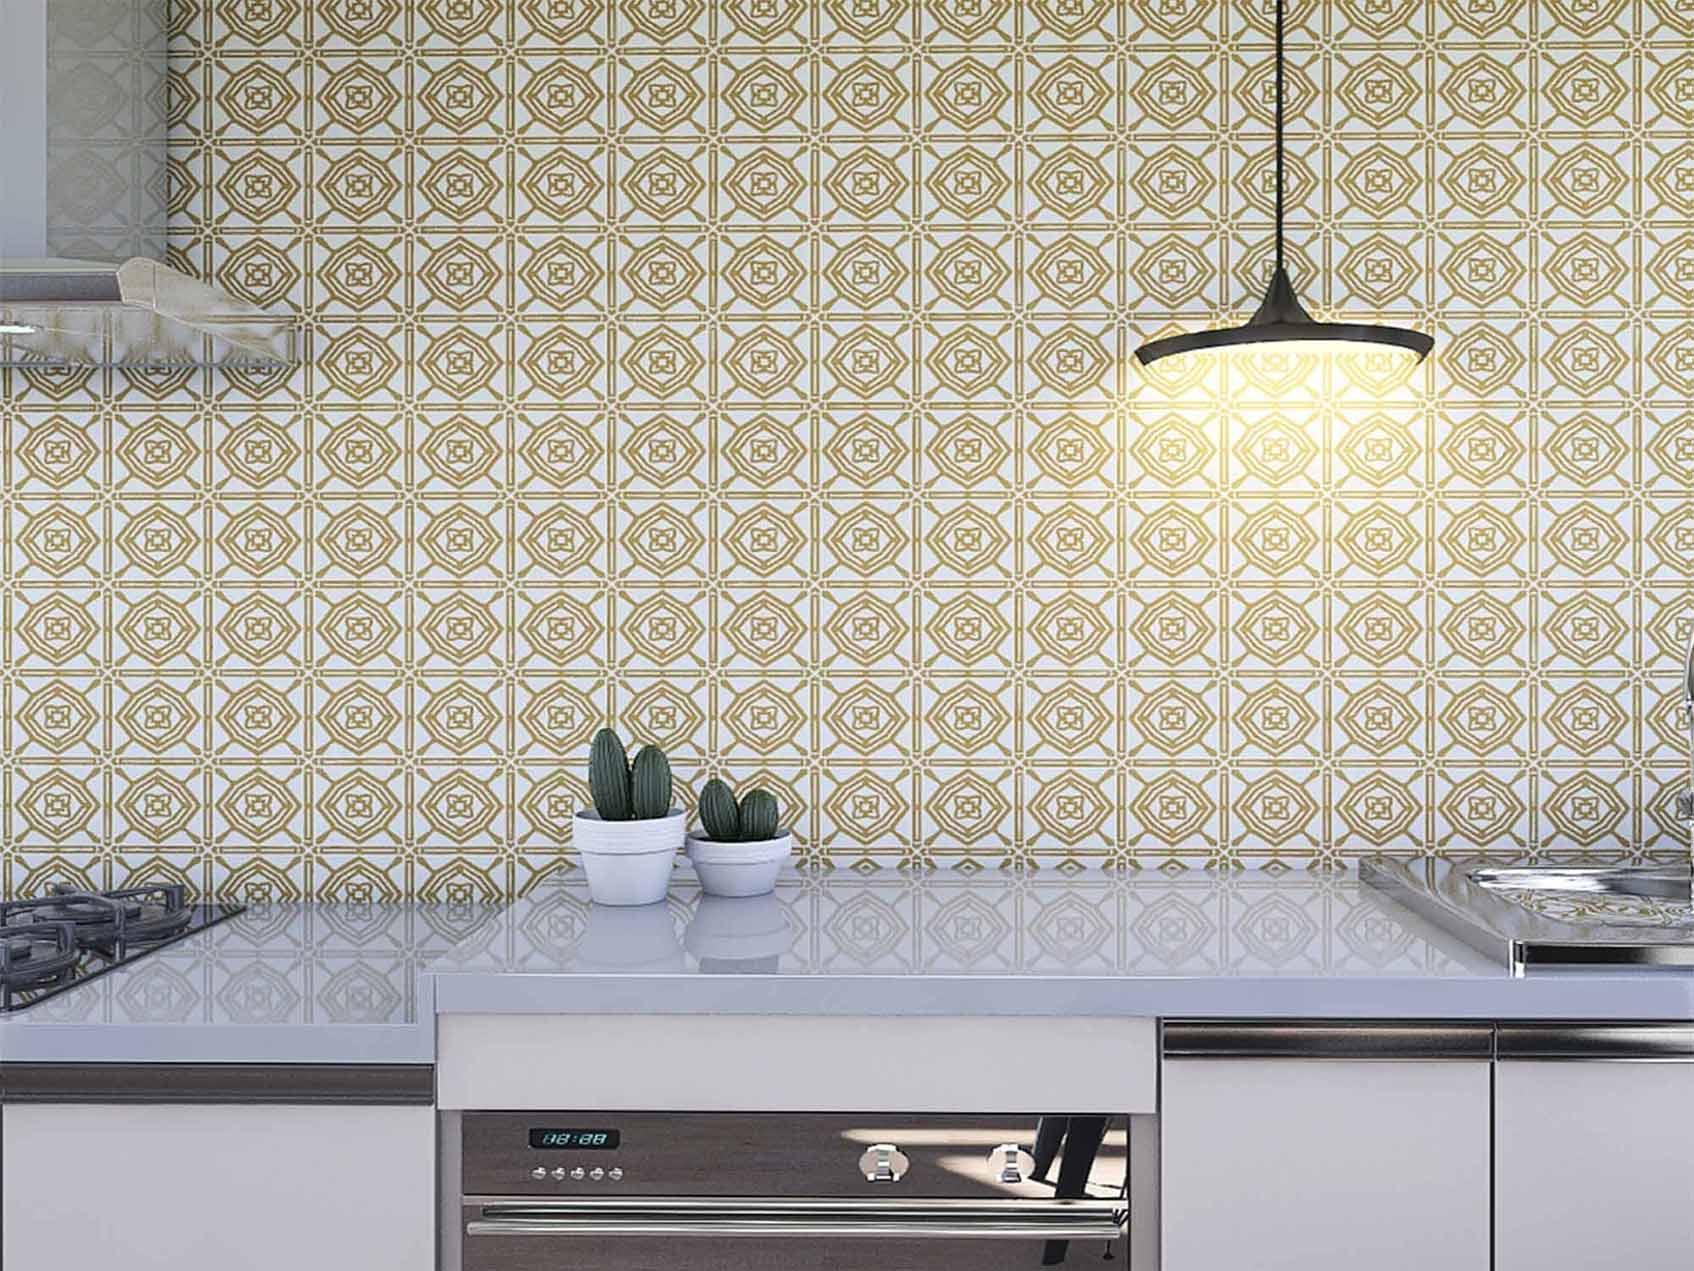 Papel de Parede para Cozinha Azulejos 0037 - Adesivos de Parede  - Paredes Decoradas